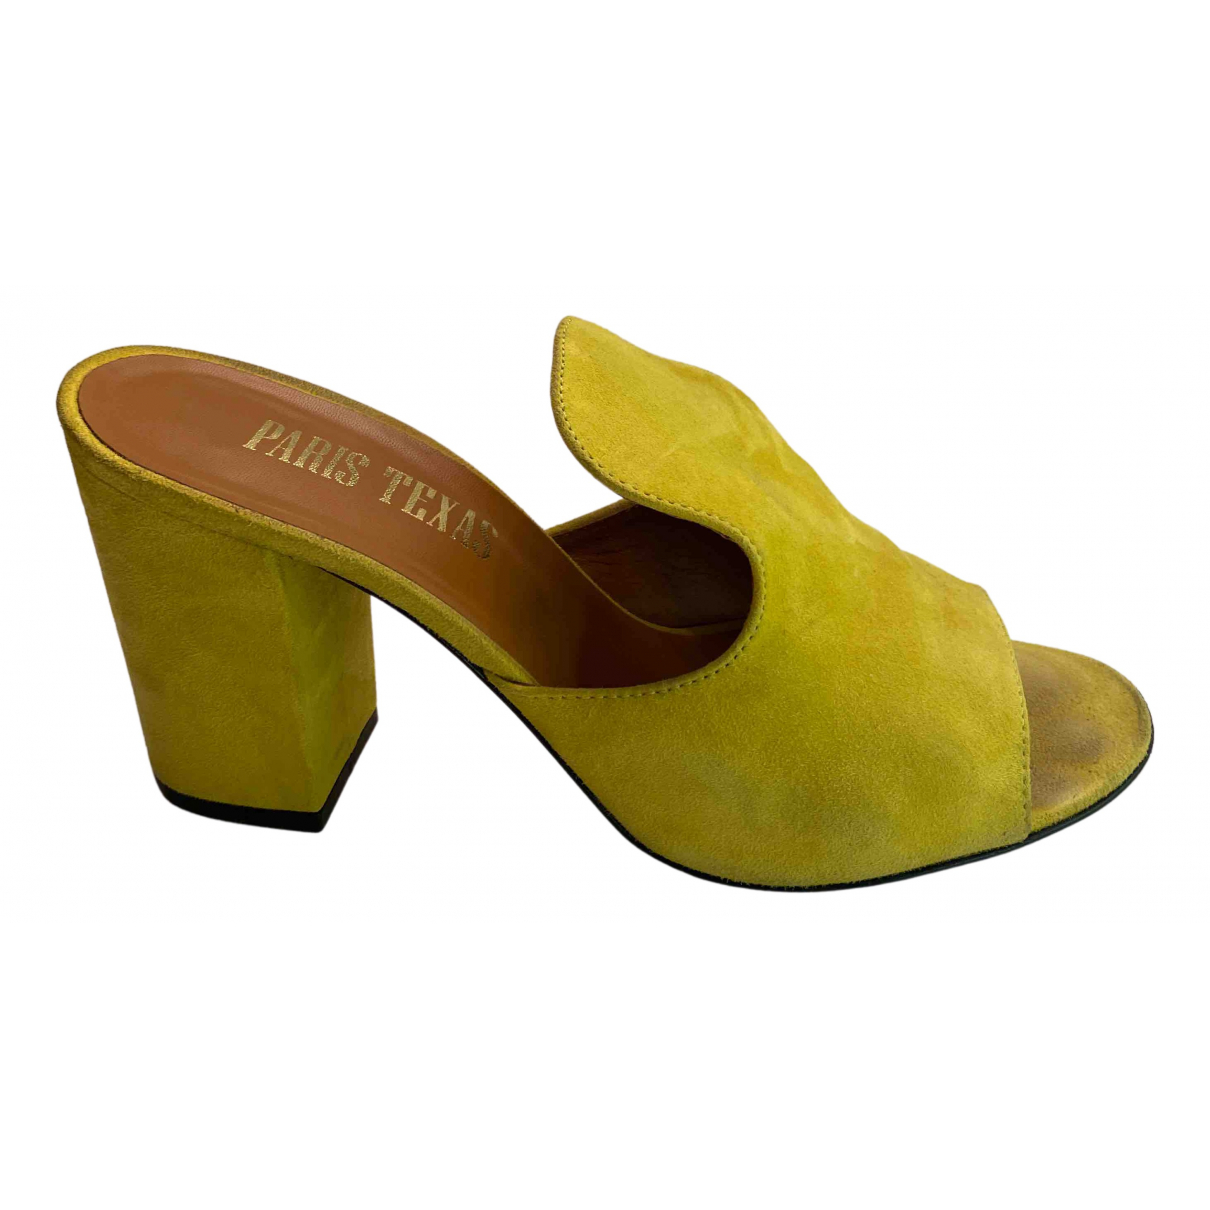 Paris Texas - Sandales   pour femme en suede - jaune